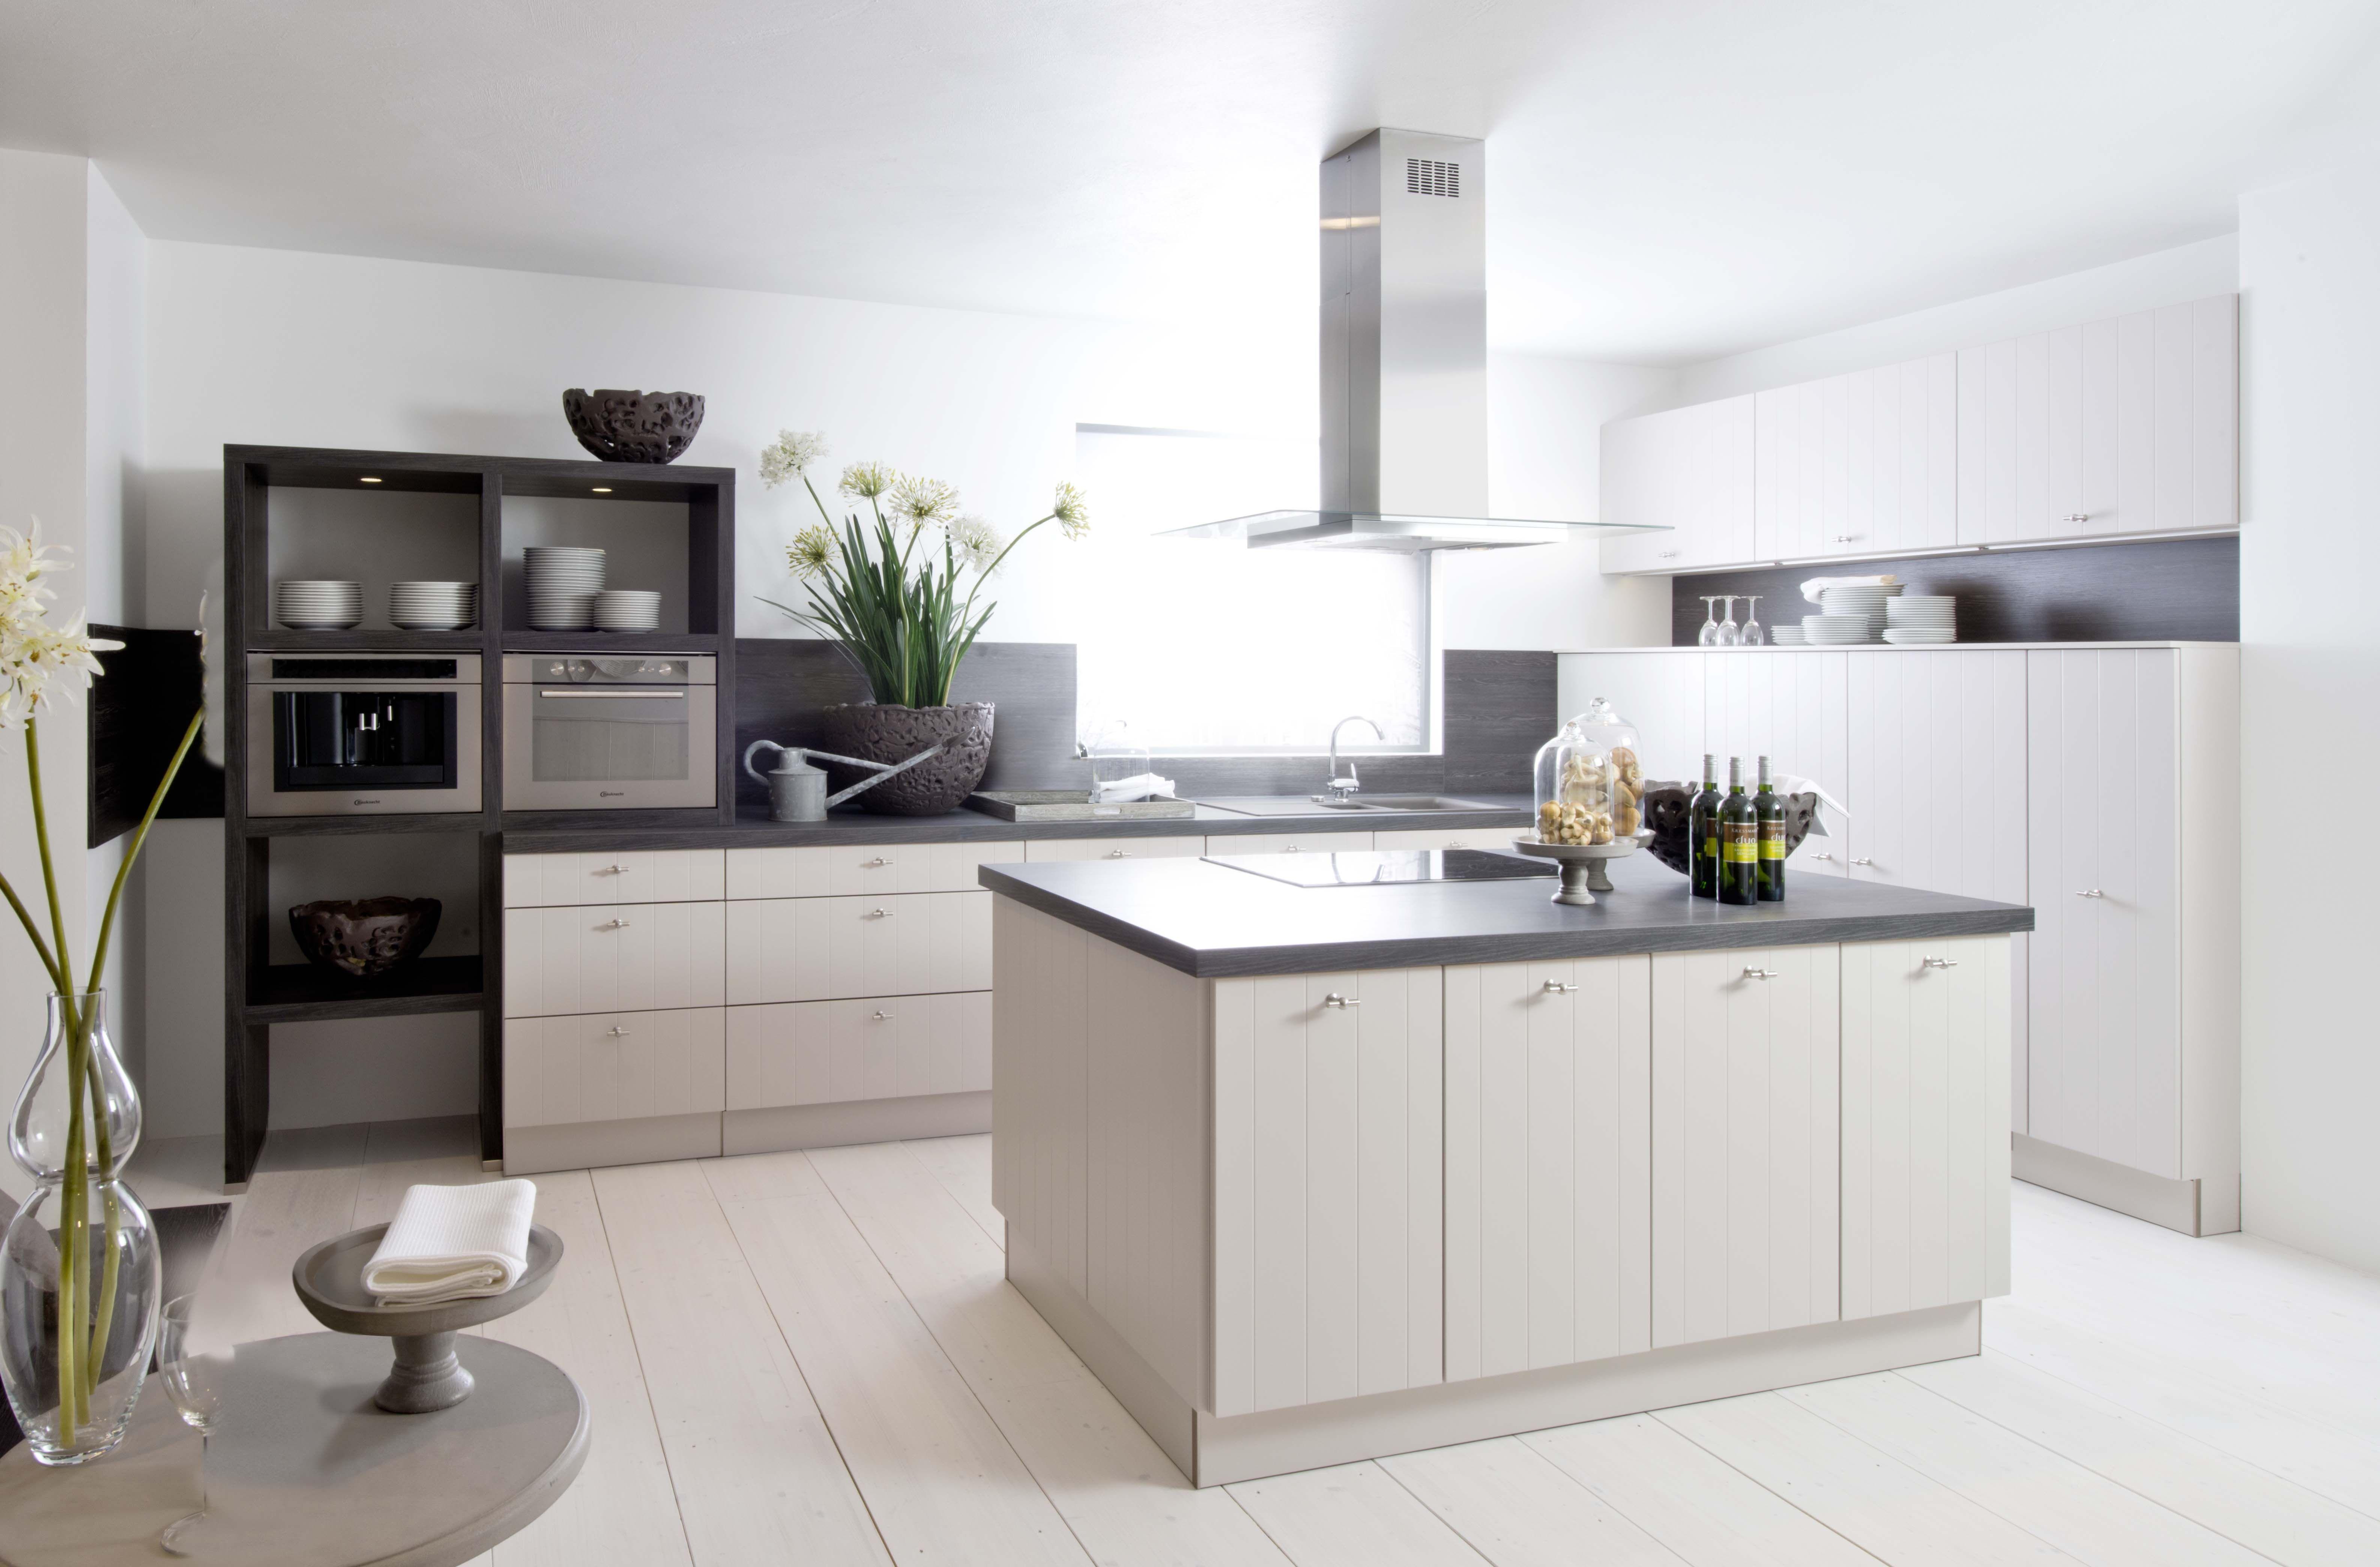 Rvs onderkast keuken adw design onderkast slim 80 cm ondiep 35cm